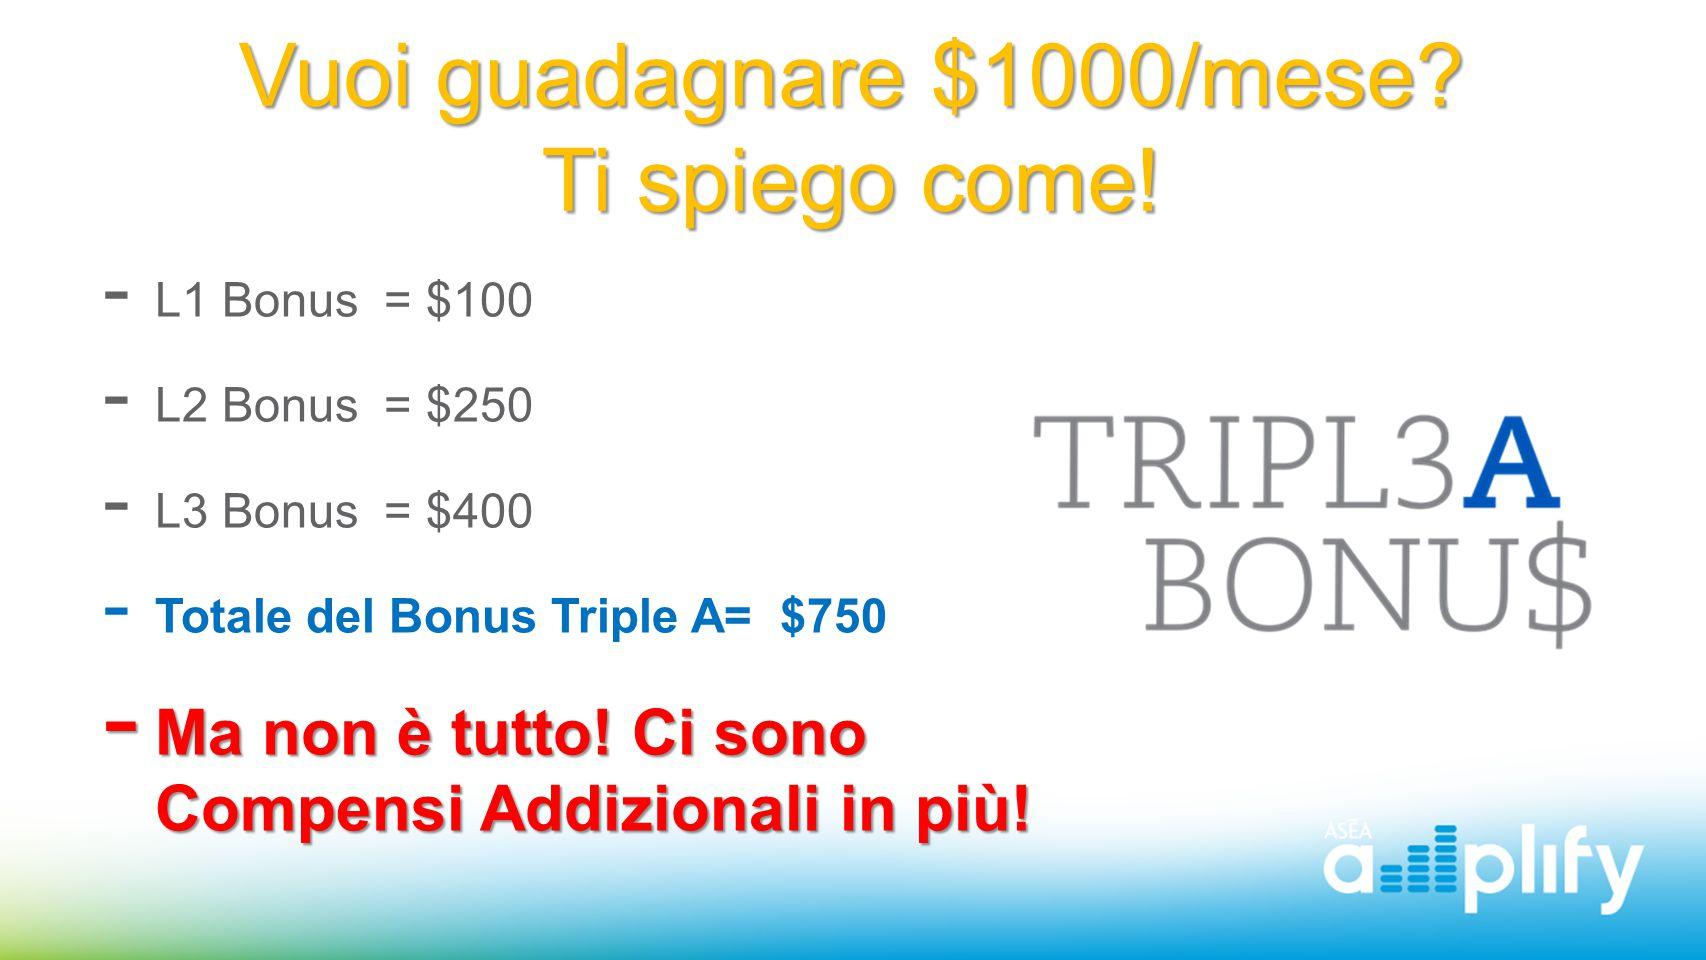 Vuoi guadagnare $1000/mese? Ti spiego come!  L1 Bonus = $100  L2 Bonus = $250  L3 Bonus = $400  Totale del Bonus Triple A= $750  Ma non è tutto!